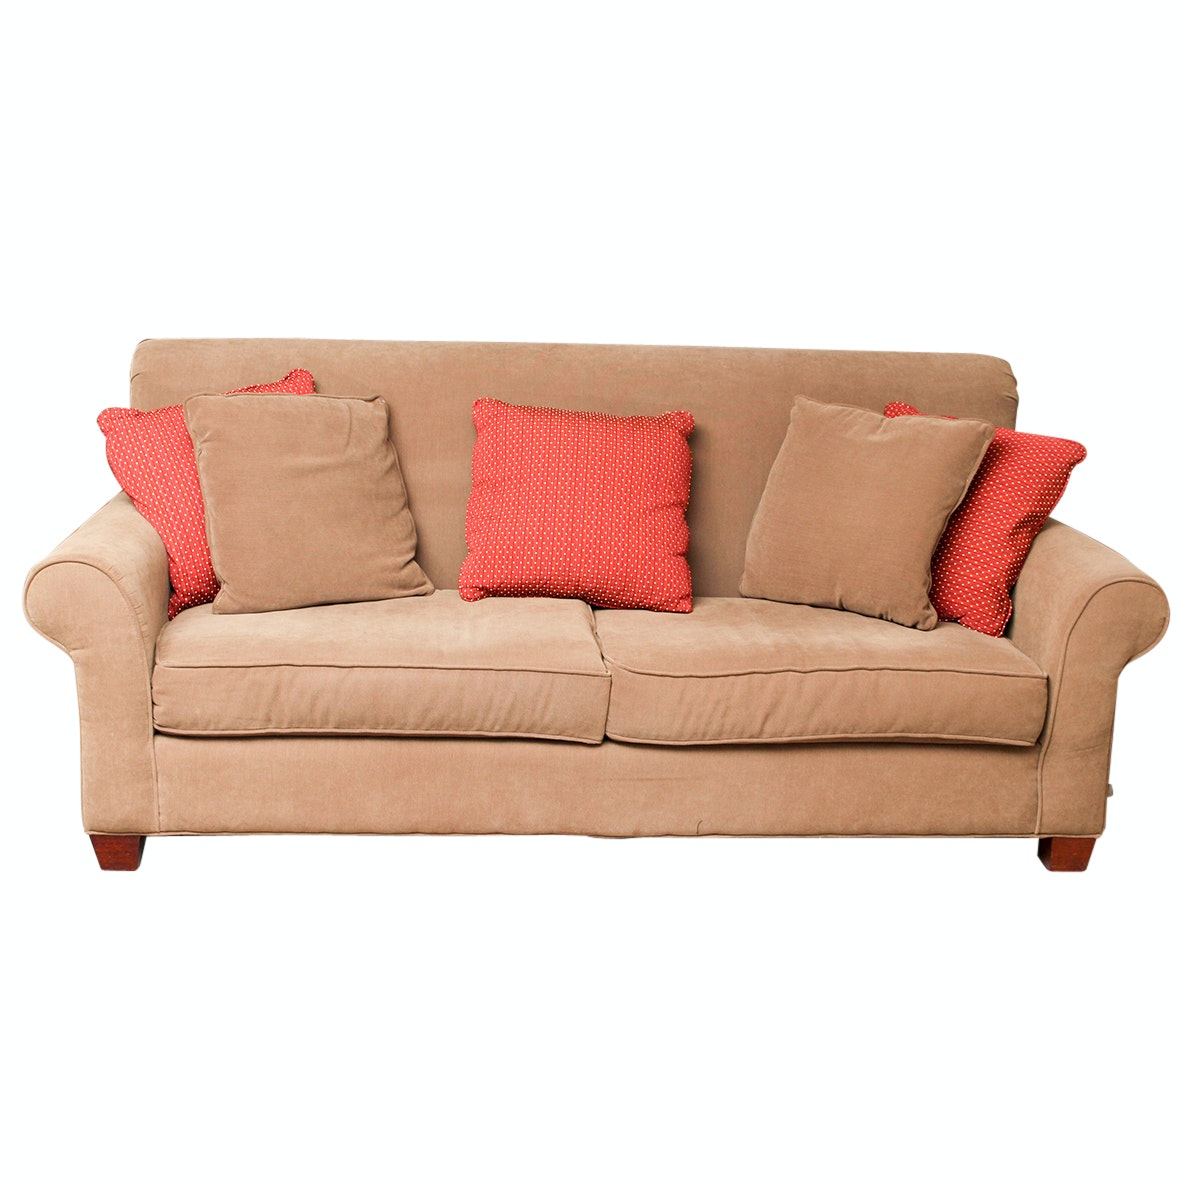 Craftmaster Chenille Sofa